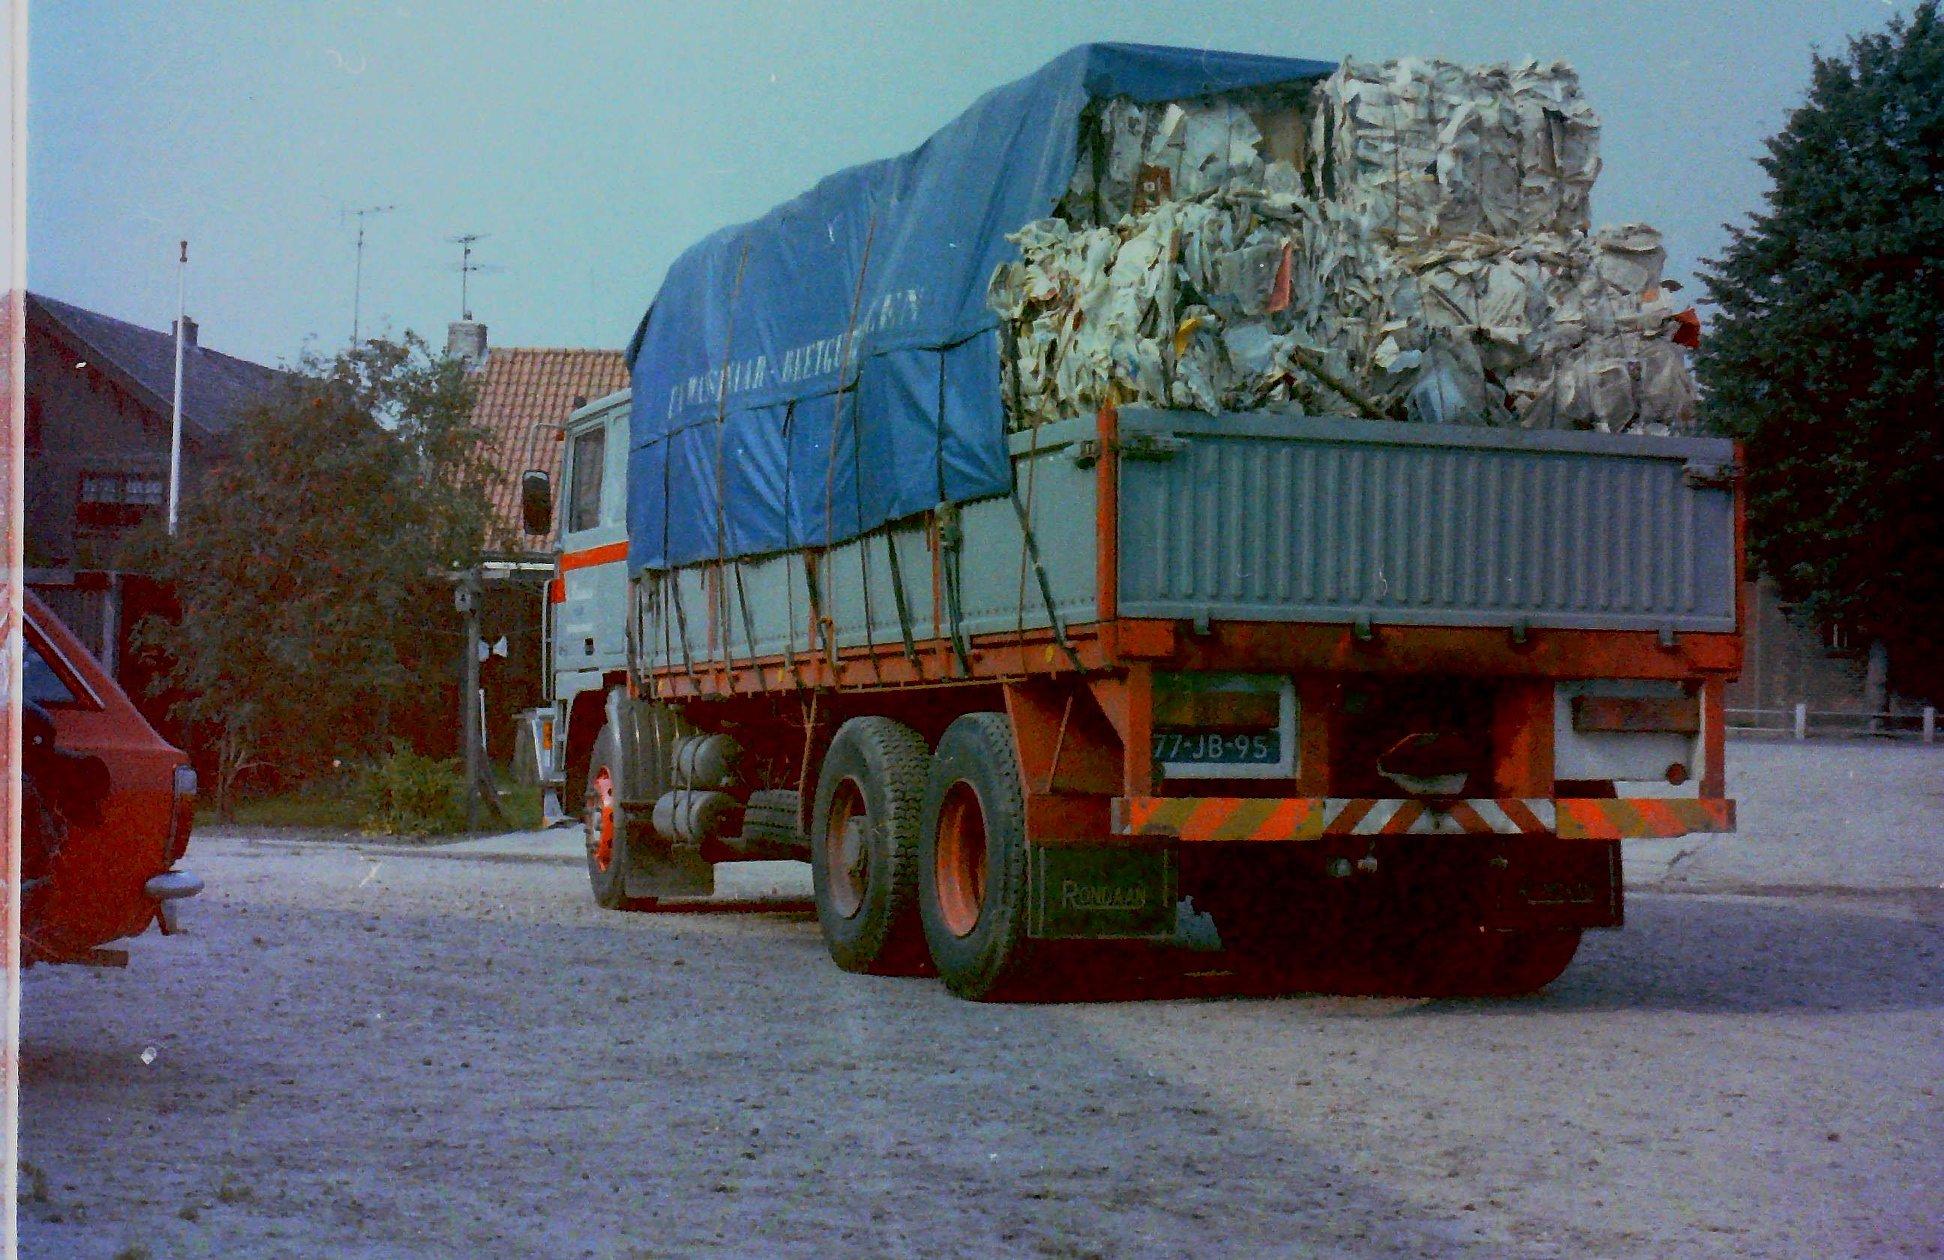 2-vrachtautos-van-Wassenaar-in-Beetgumermolen-gemaakt-voor-de-oude-loods-in-Beetgumermolen--fotos-door-mij-gemaakt-Lolle-6